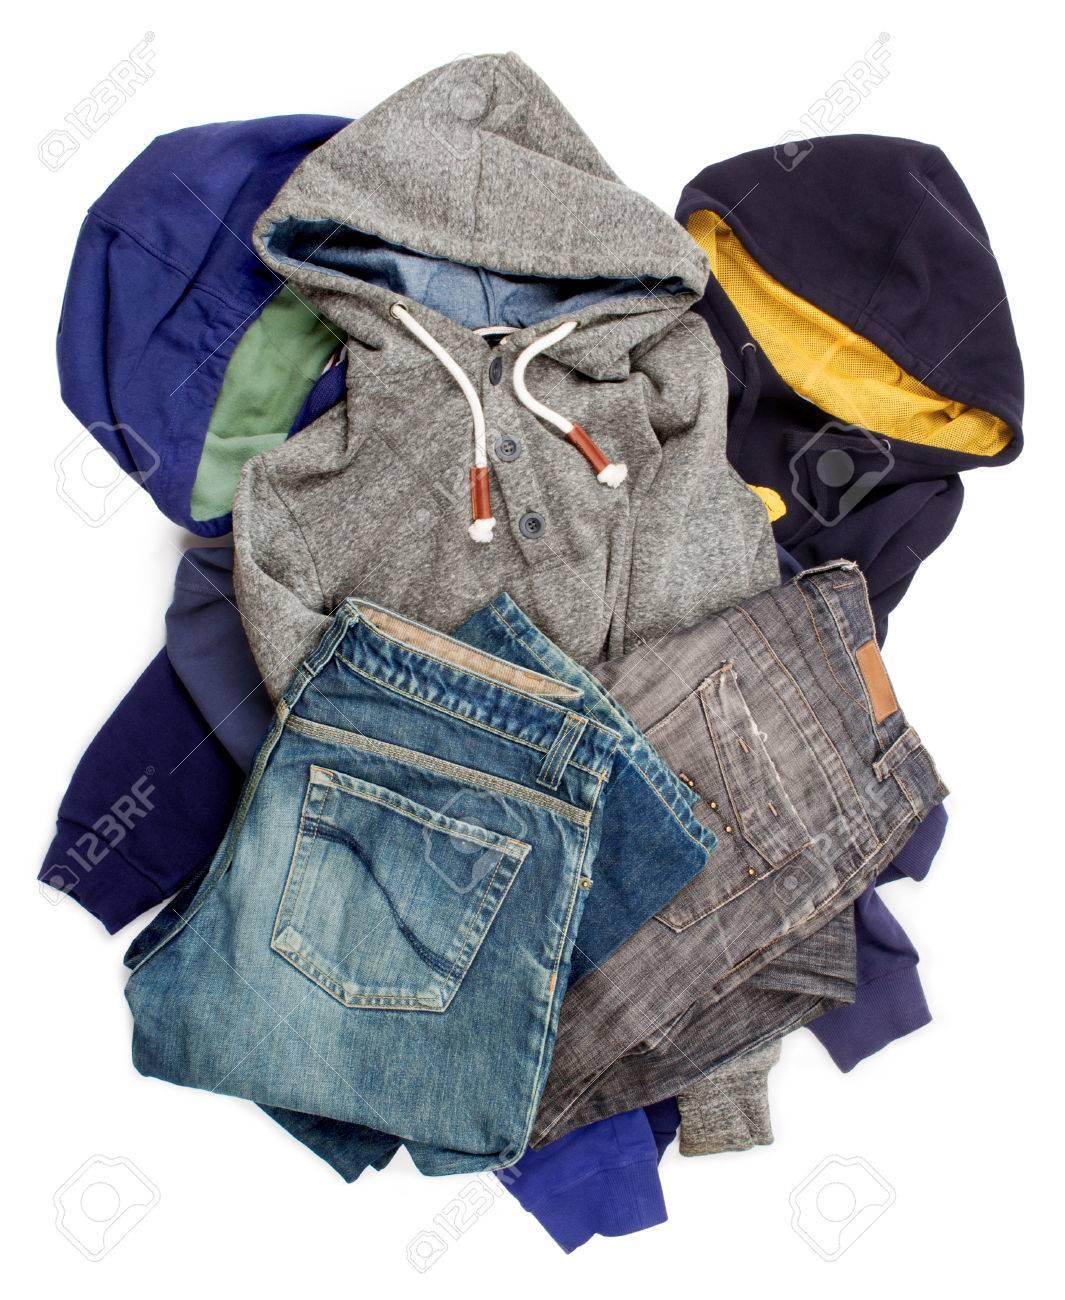 6bd4eb8304 Colección de ropa masculina aislado en blanco Foto de archivo - 33016101